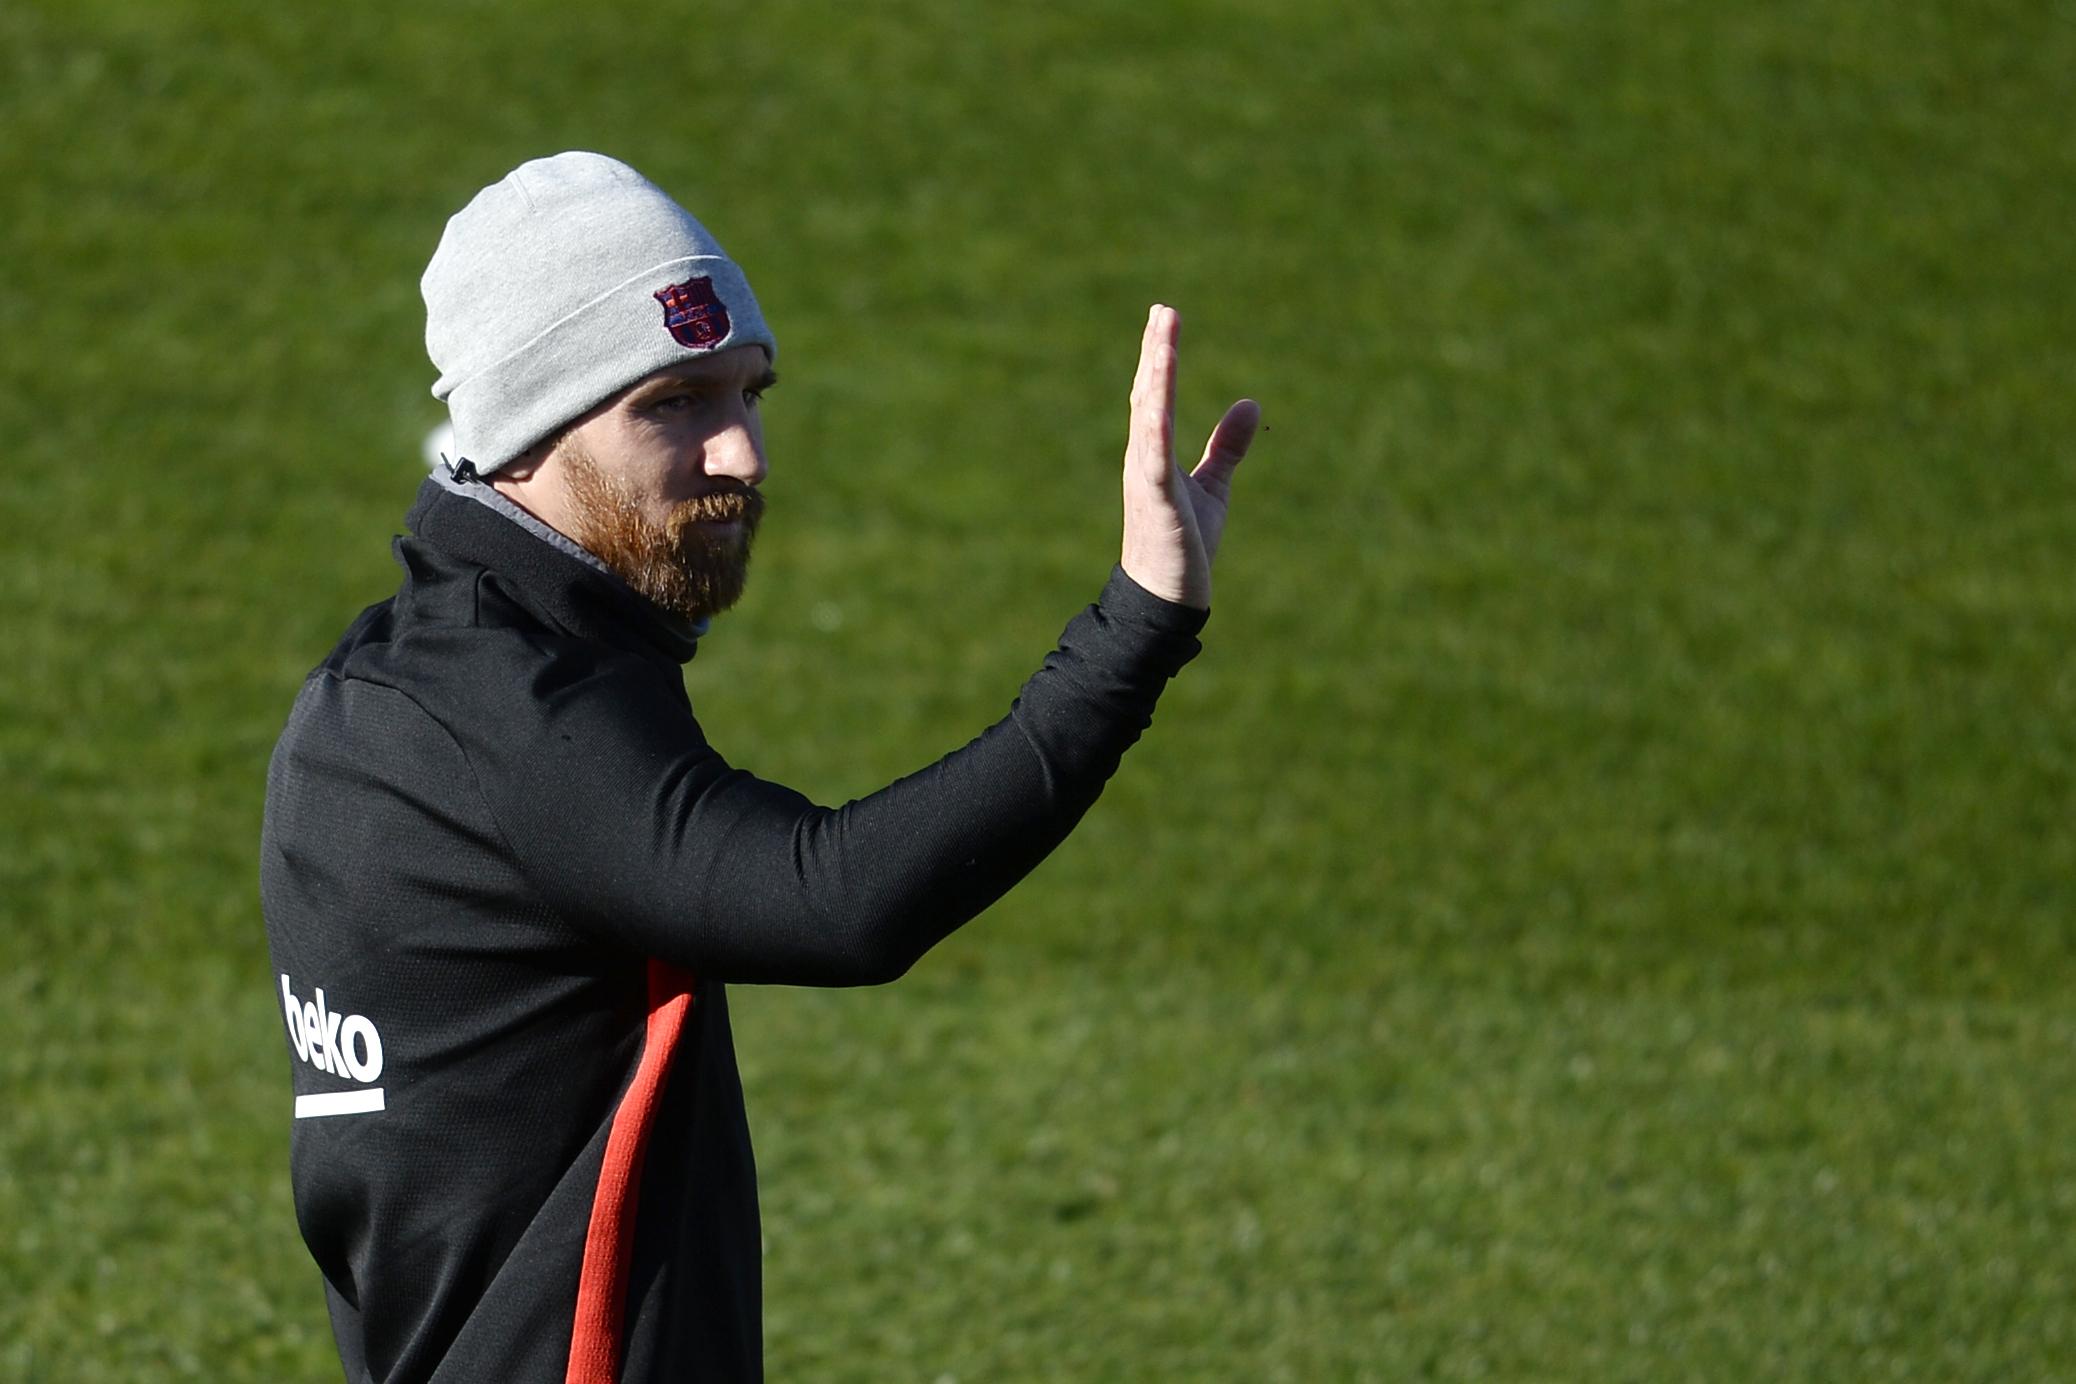 Independência da Catalunha pode fazer Messi deixar o Barcelona — Jornal garante